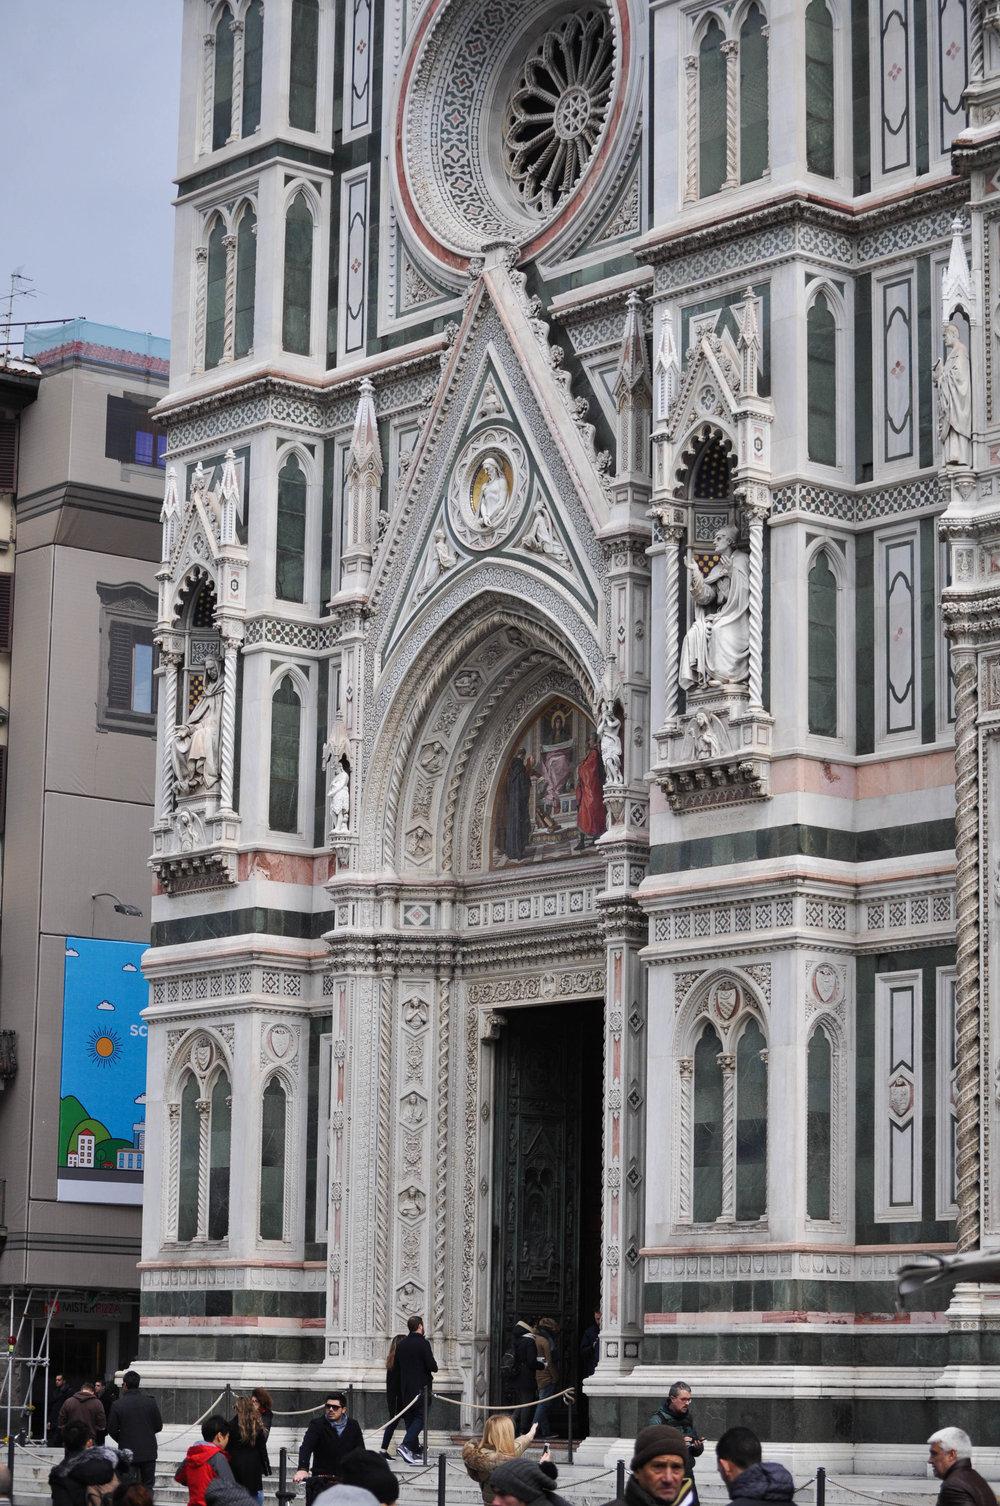 Duomo-91.jpg